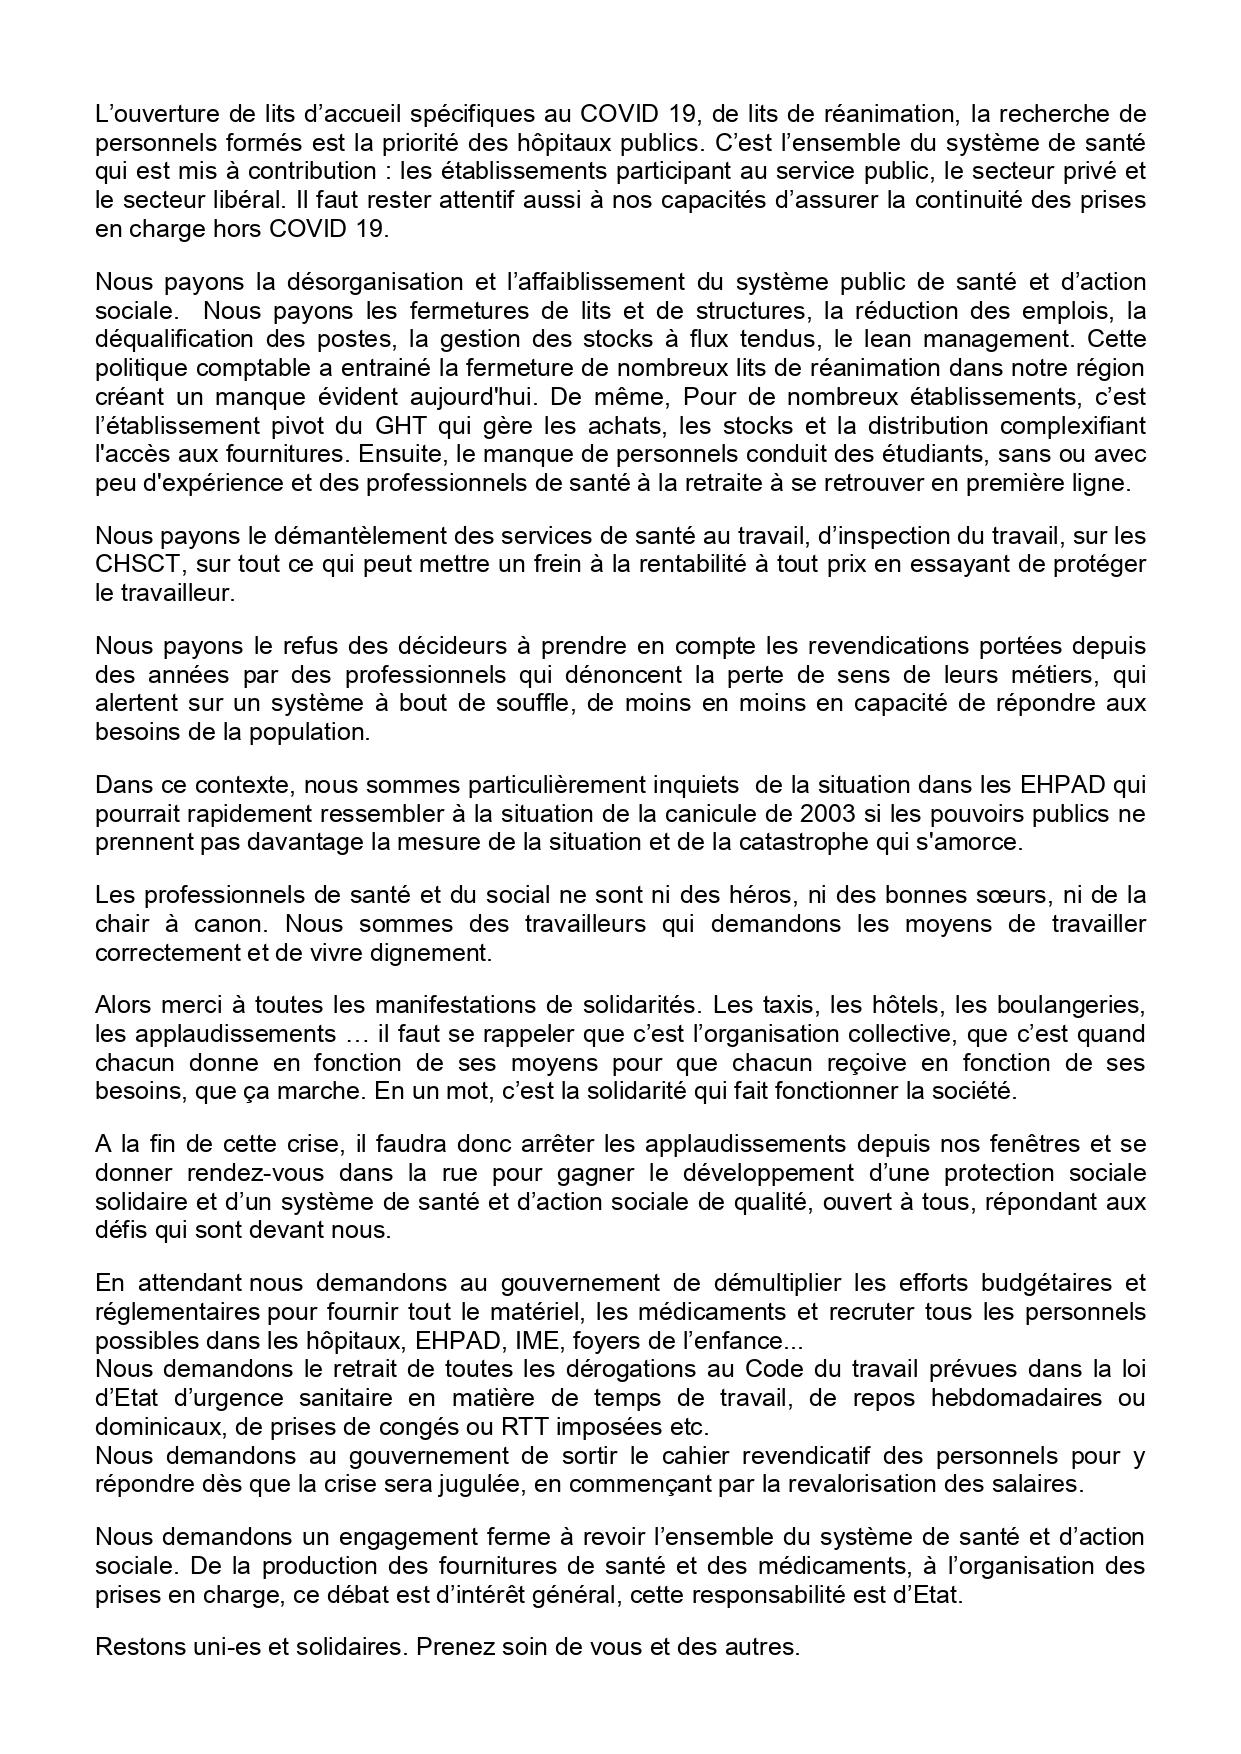 Covid-19 Communiqué Coordination Régionale PACA du 25 mars 2020 (2)